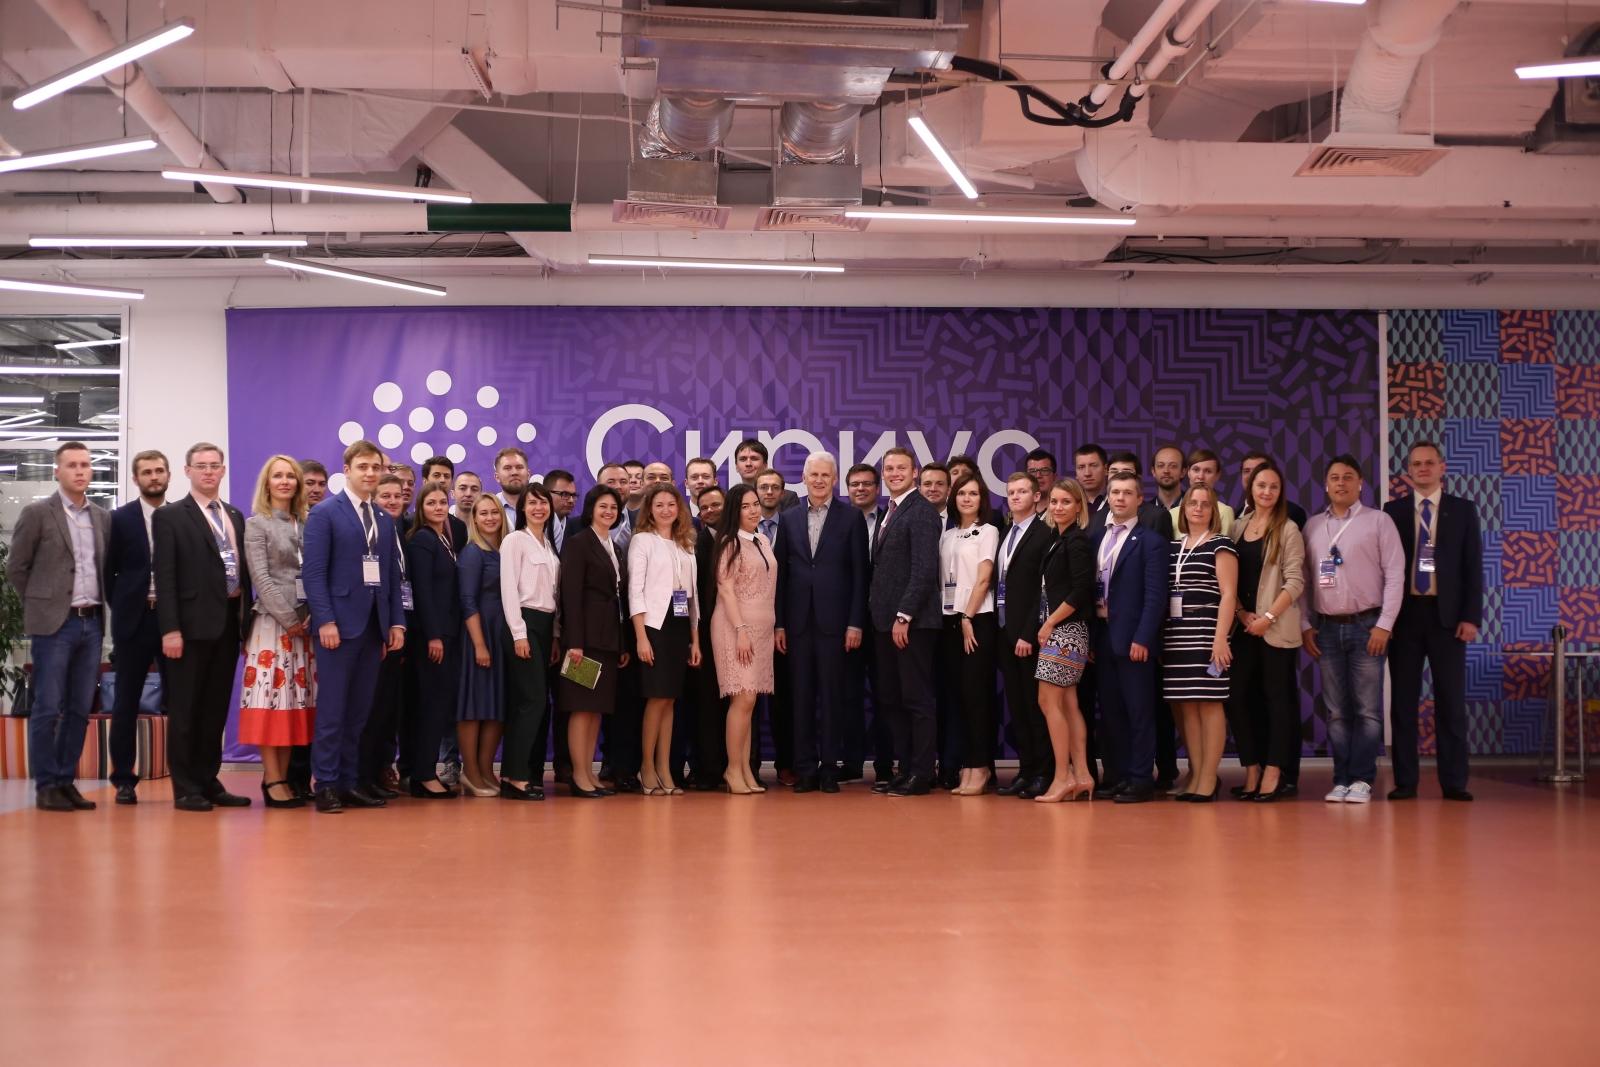 IX Всероссийский съезд Советов молодых ученых «Навстречу большим вызовам»